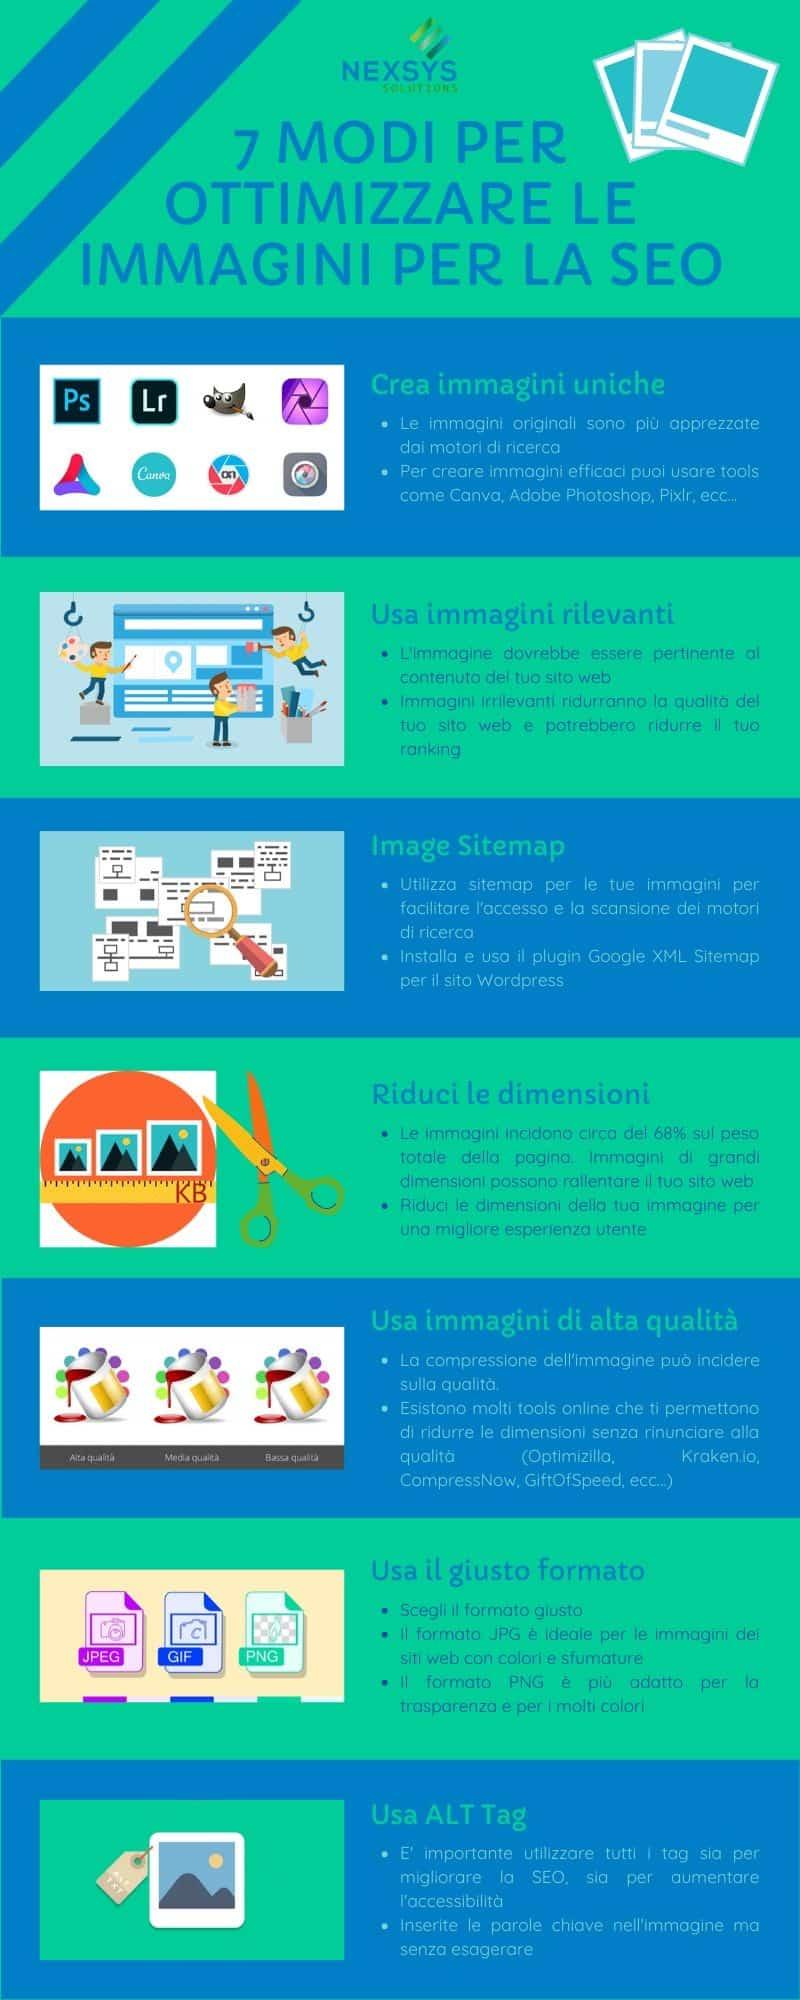 7 modi per ottimizzare le immagini per la SEO